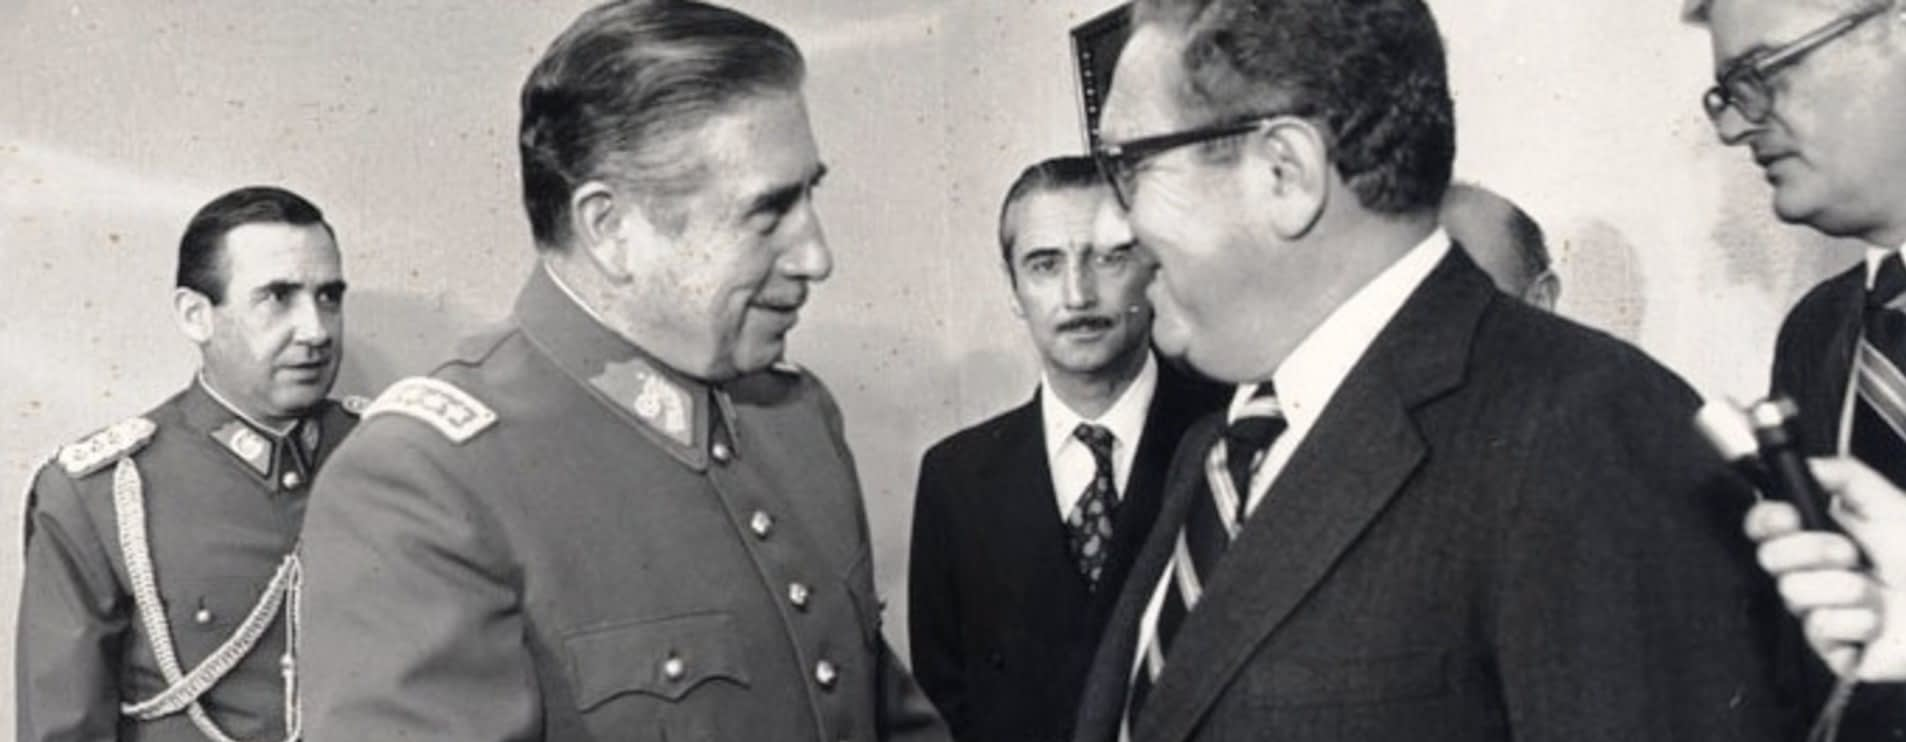 Augusto Pinochet meets Henry Kissinger